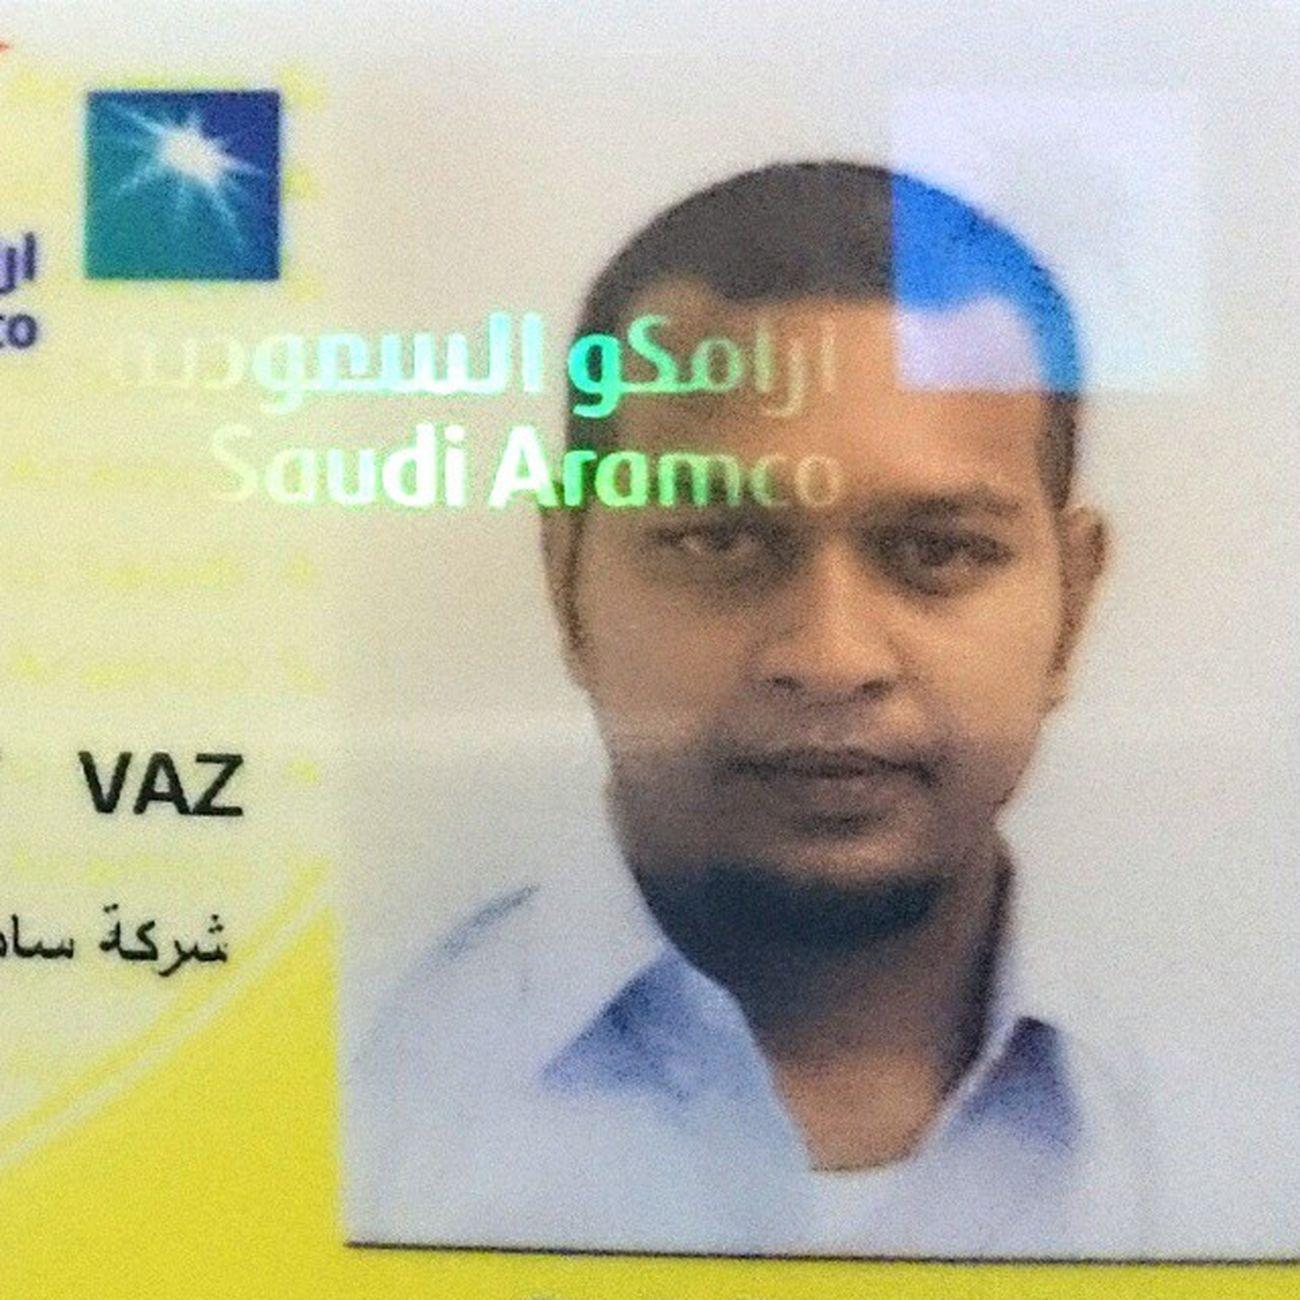 Saudi Samsungengineering Saudiaramco